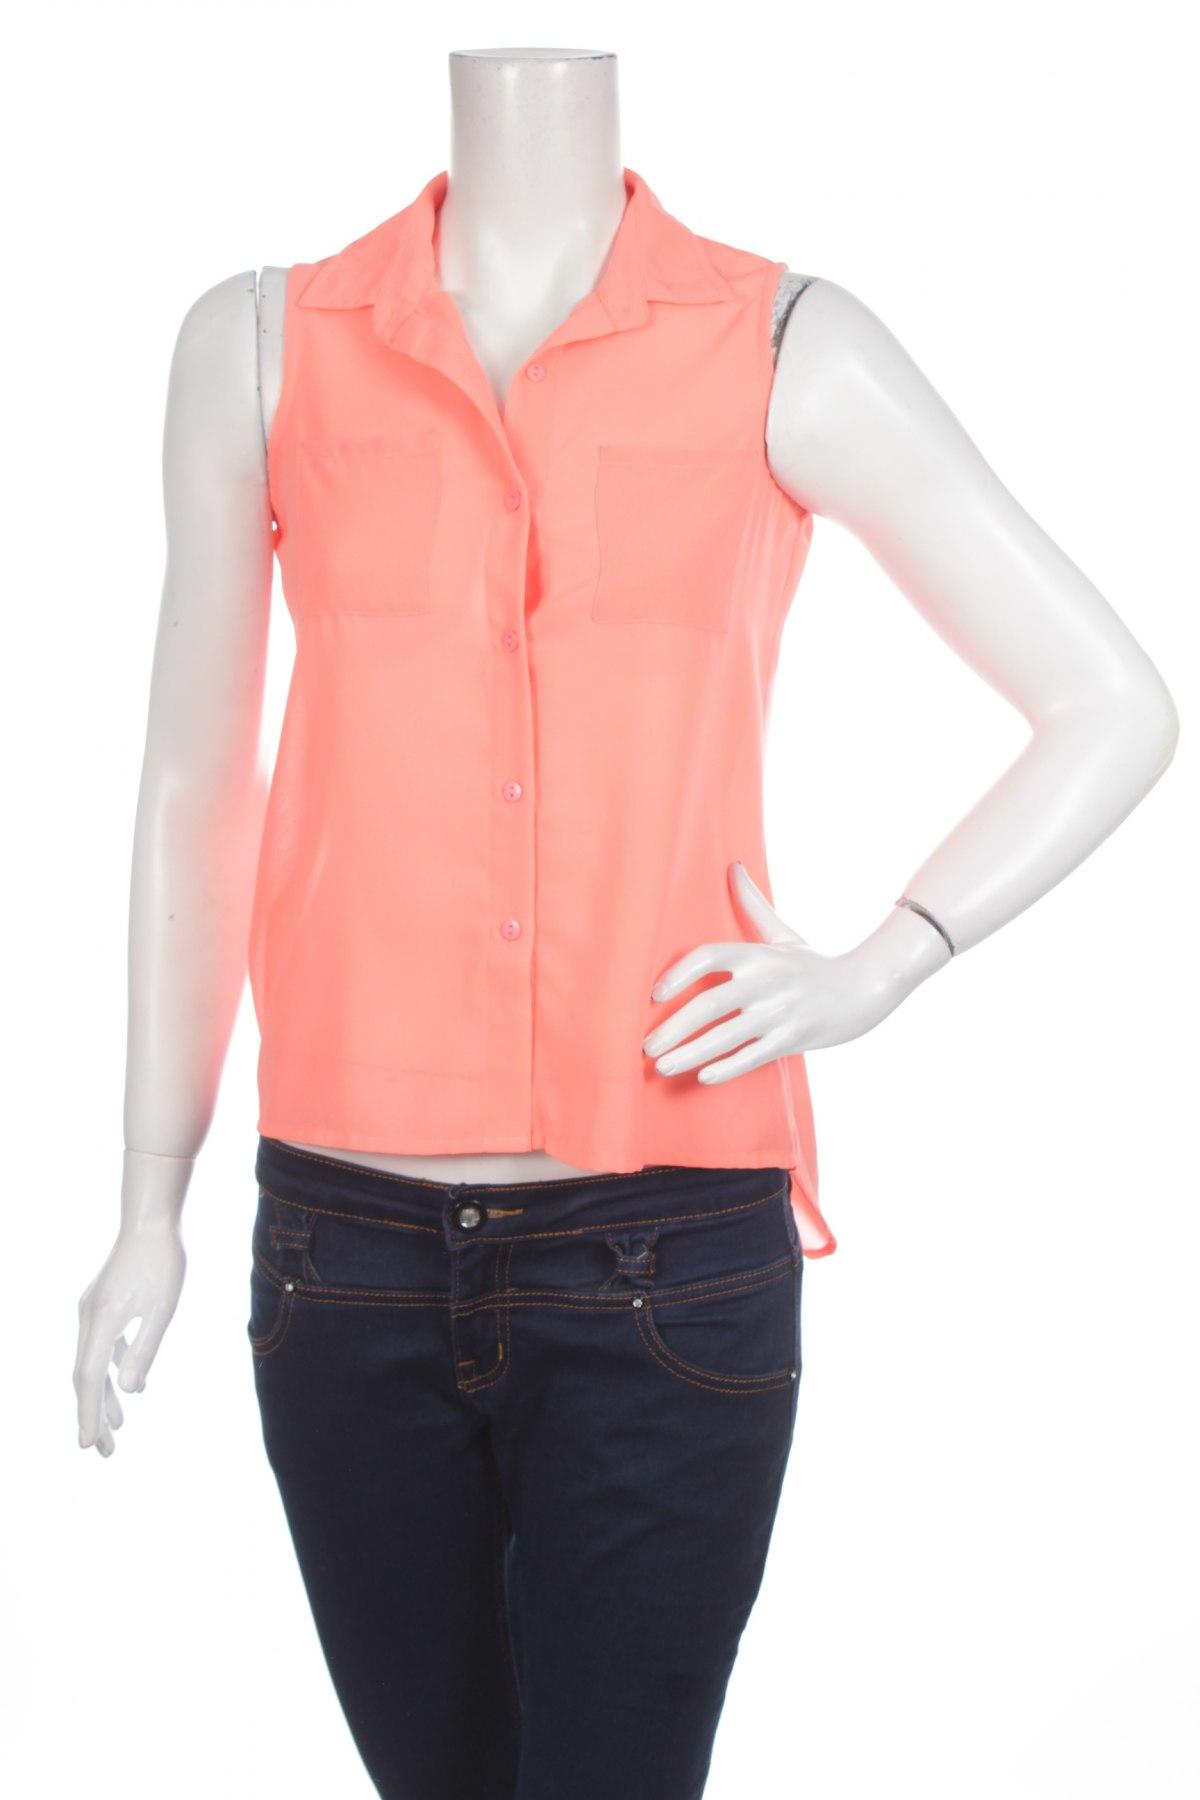 Γυναικείο πουκάμισο, Μέγεθος L, Χρώμα Πορτοκαλί, Τιμή 11,13€